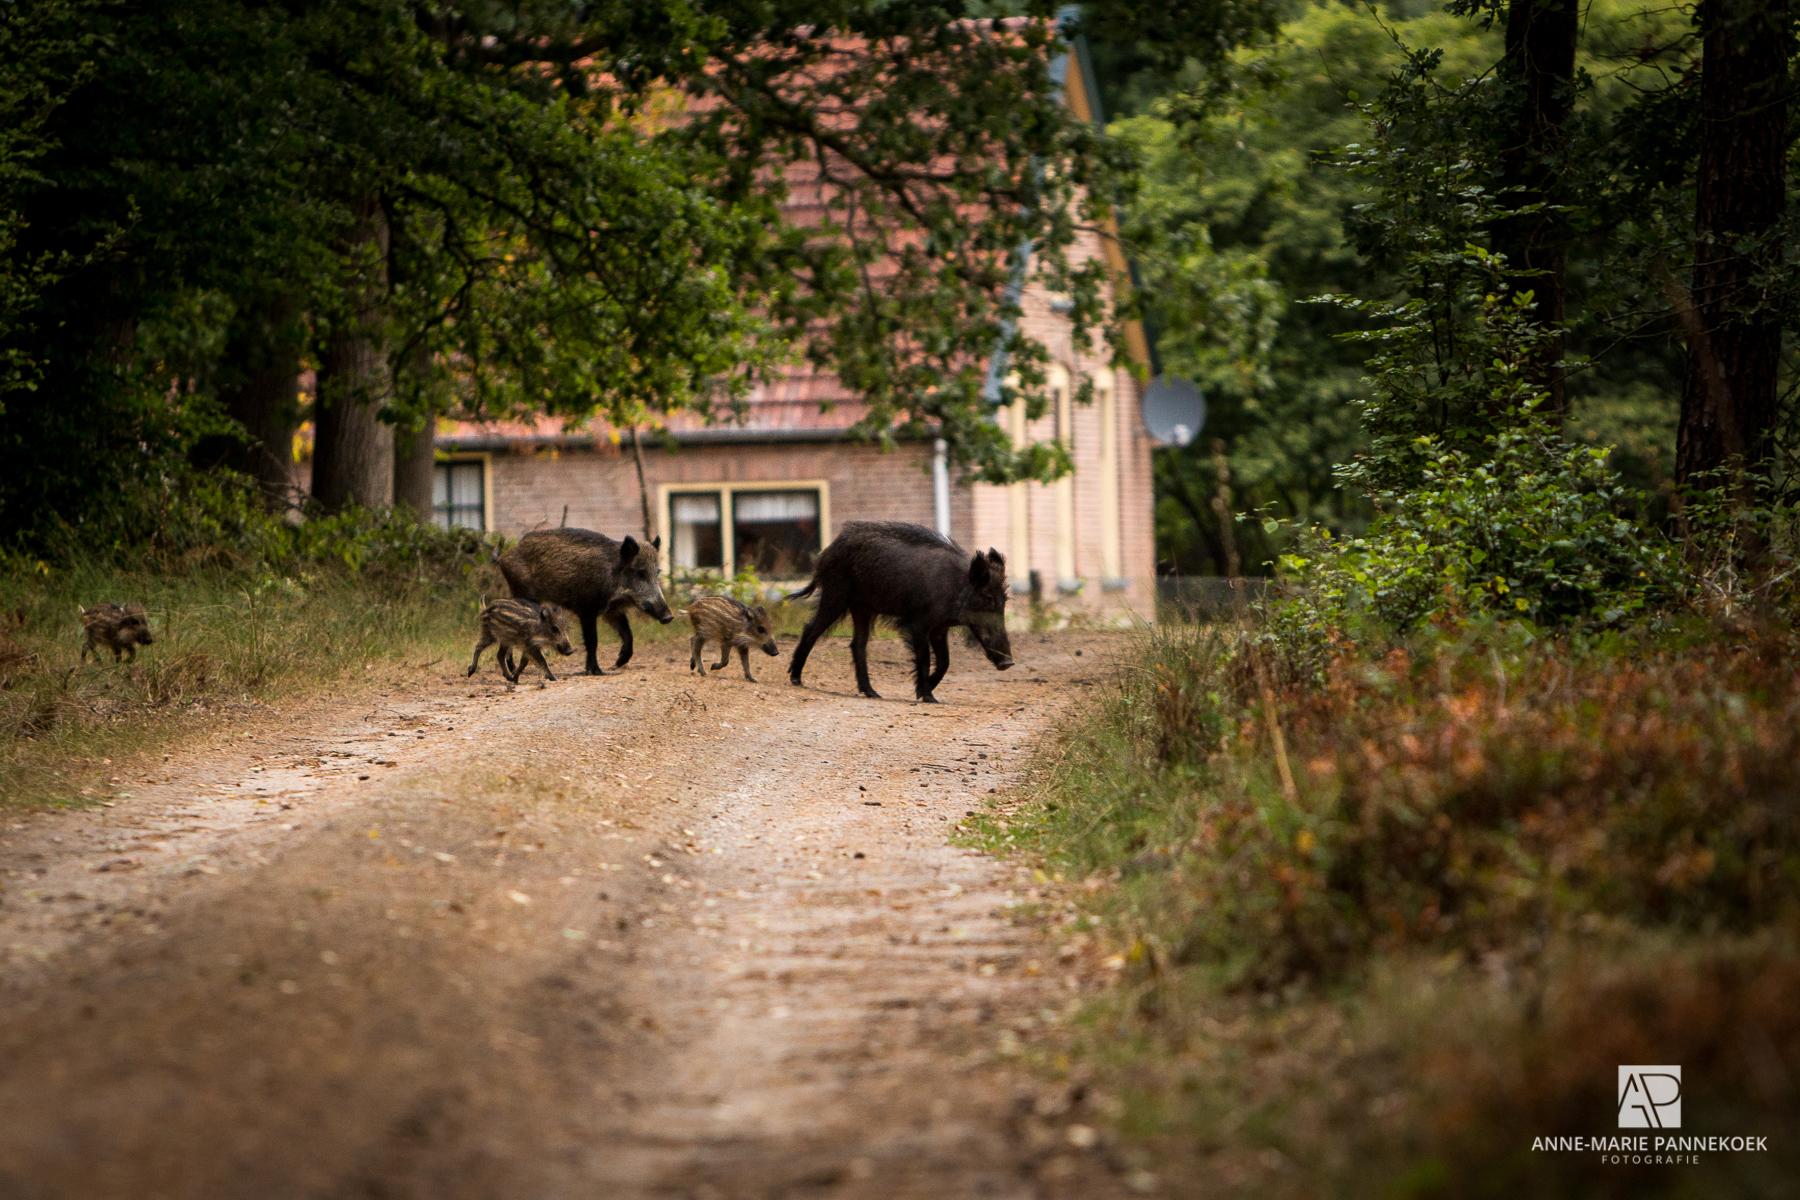 Varkens in het bos